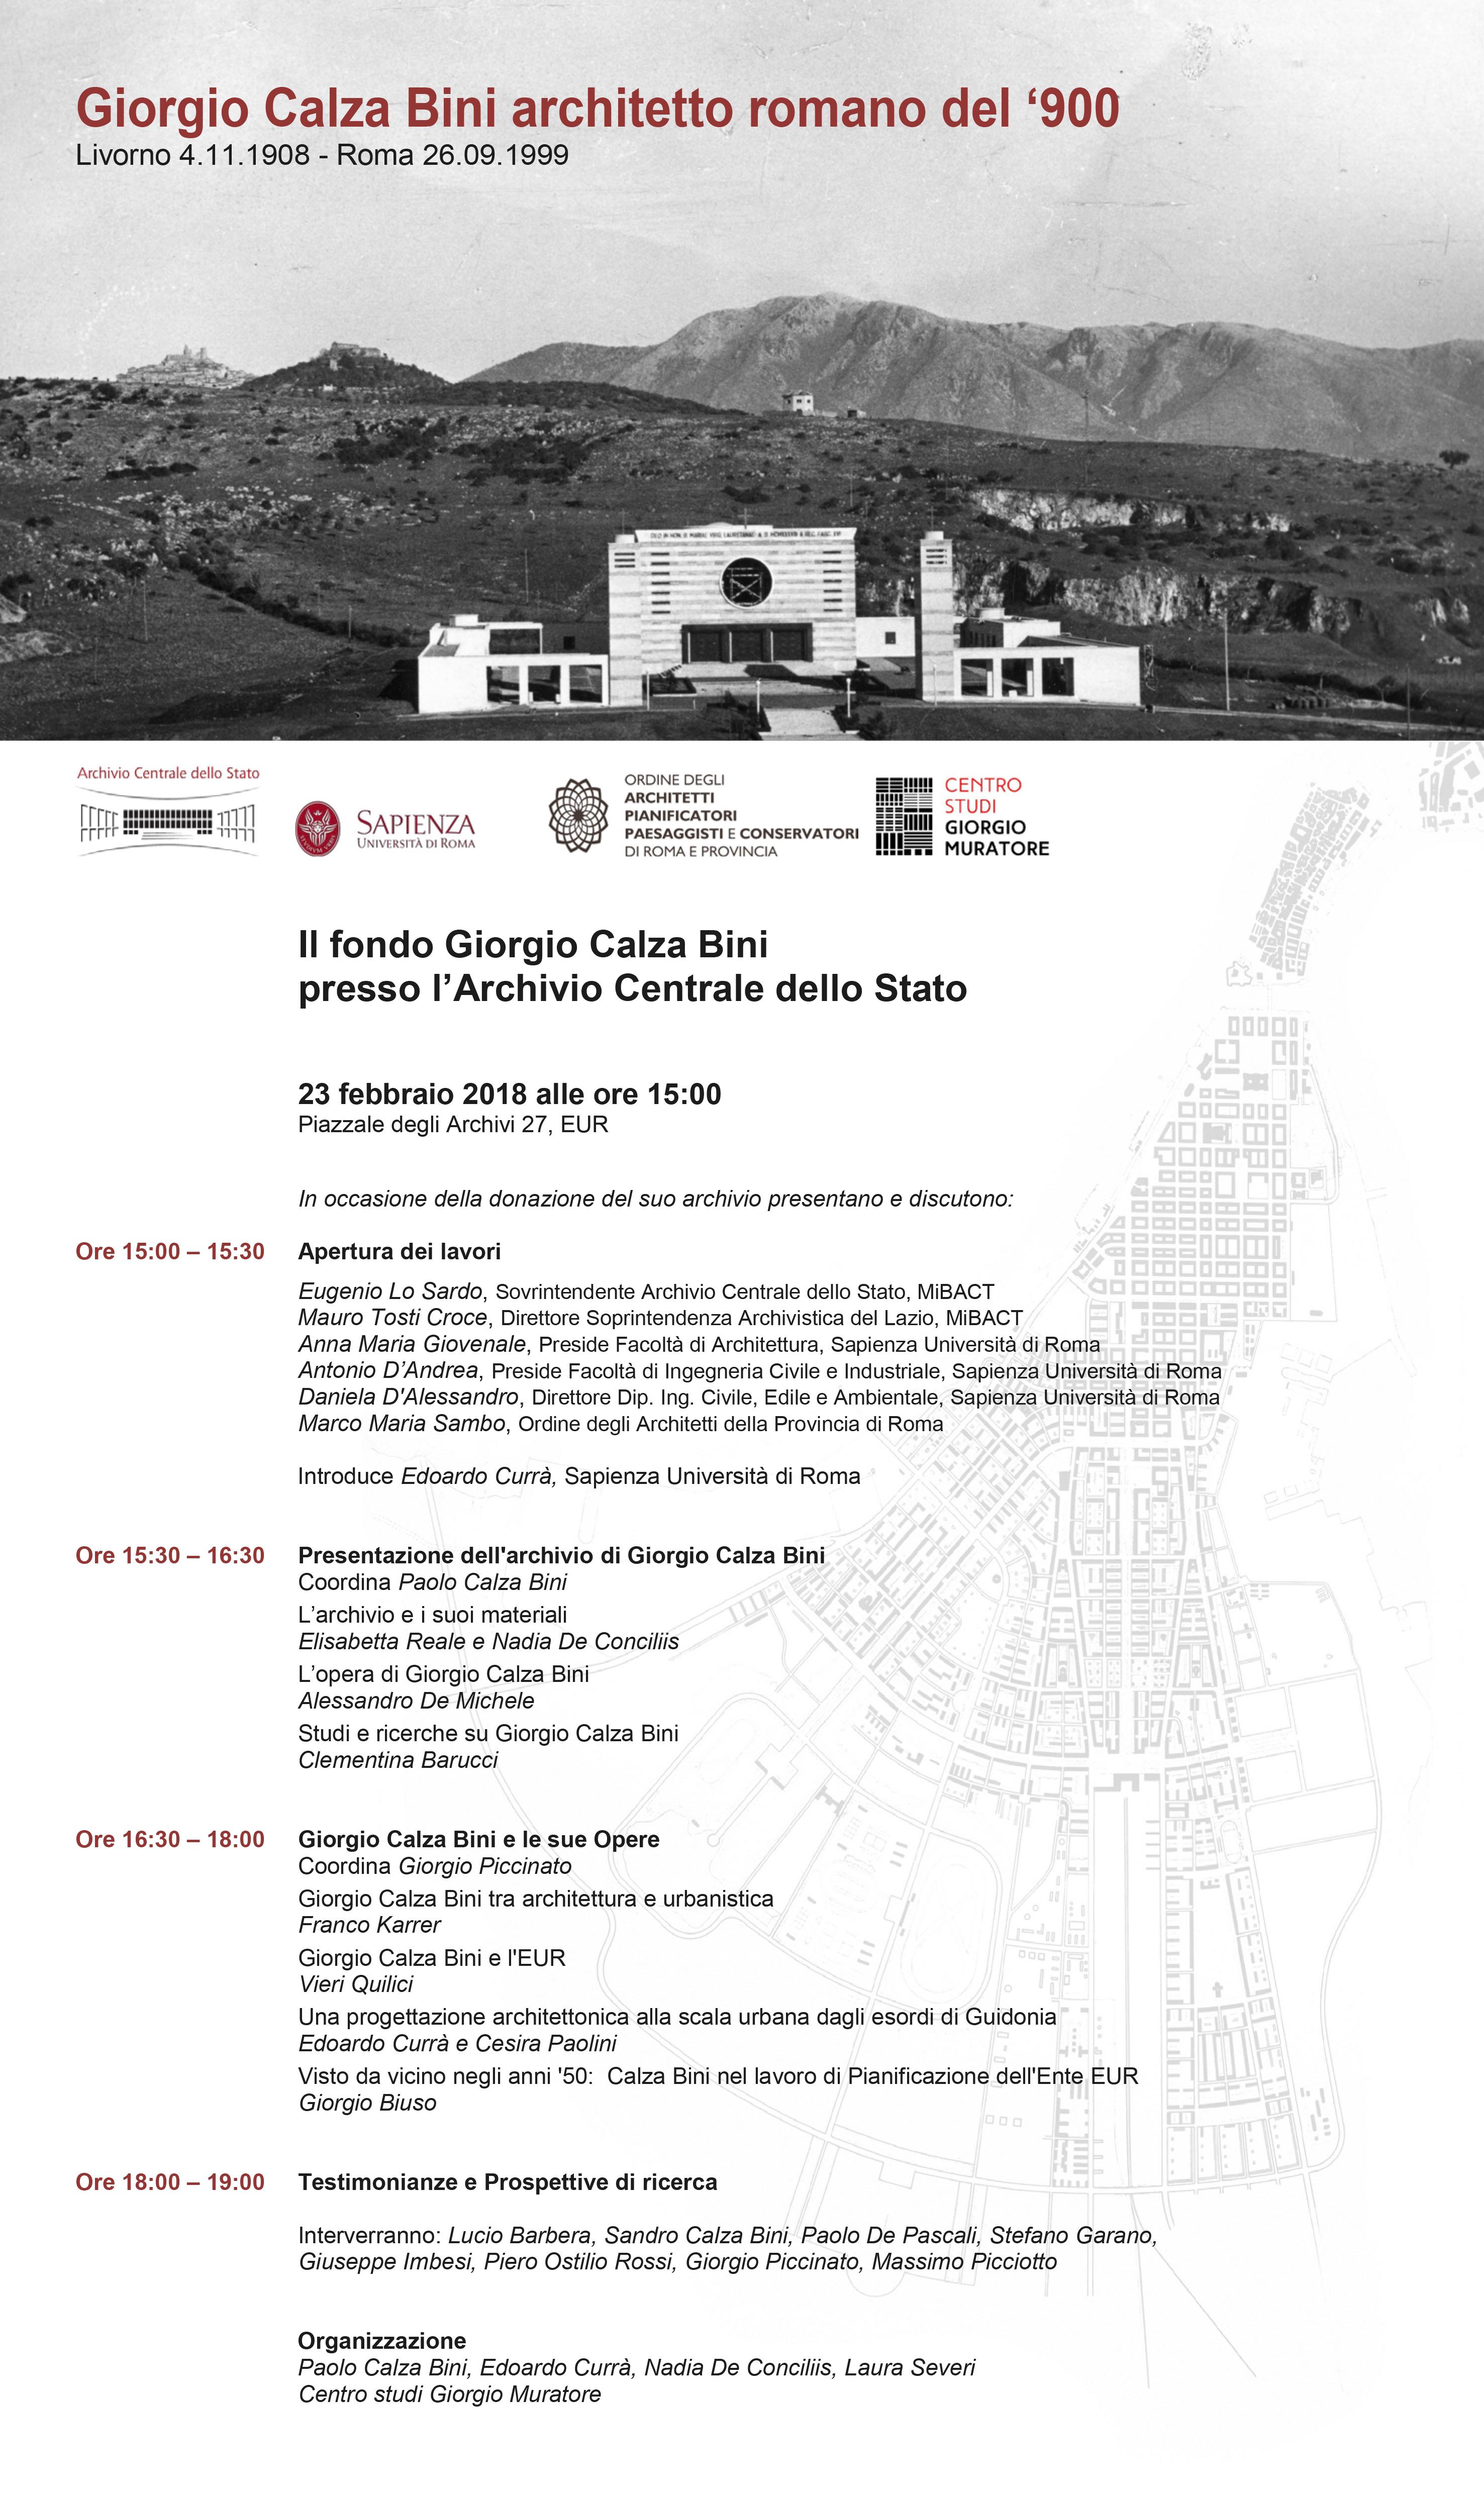 Giorgio calza bini architetto romano del 900 presentazione in occasione della donazione del - Portale architetti roma ...